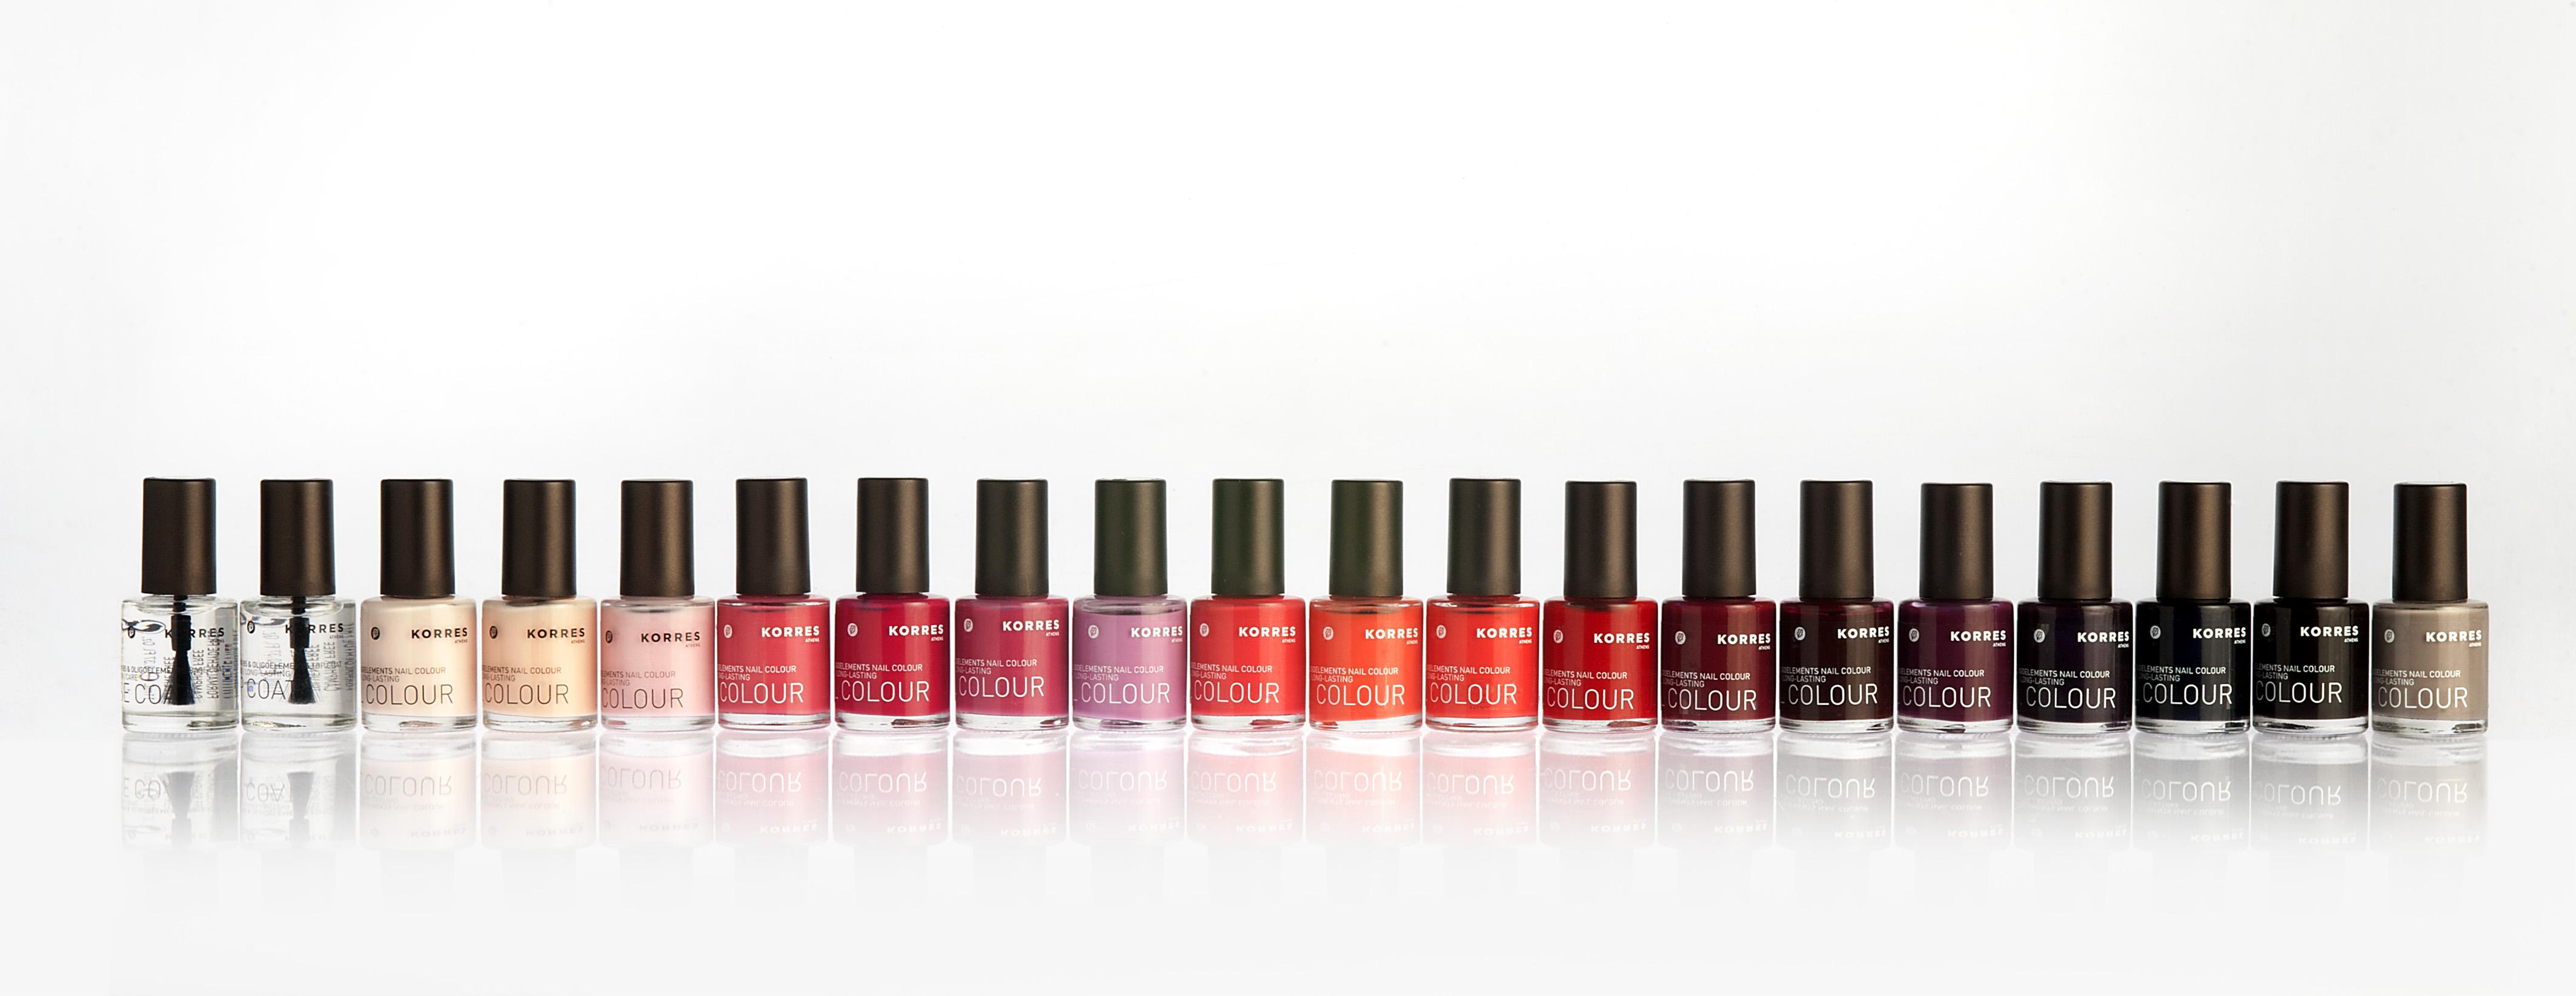 Beauty Buy of the Week: Korres Myrrh & Oligoelements Nail Colour ...